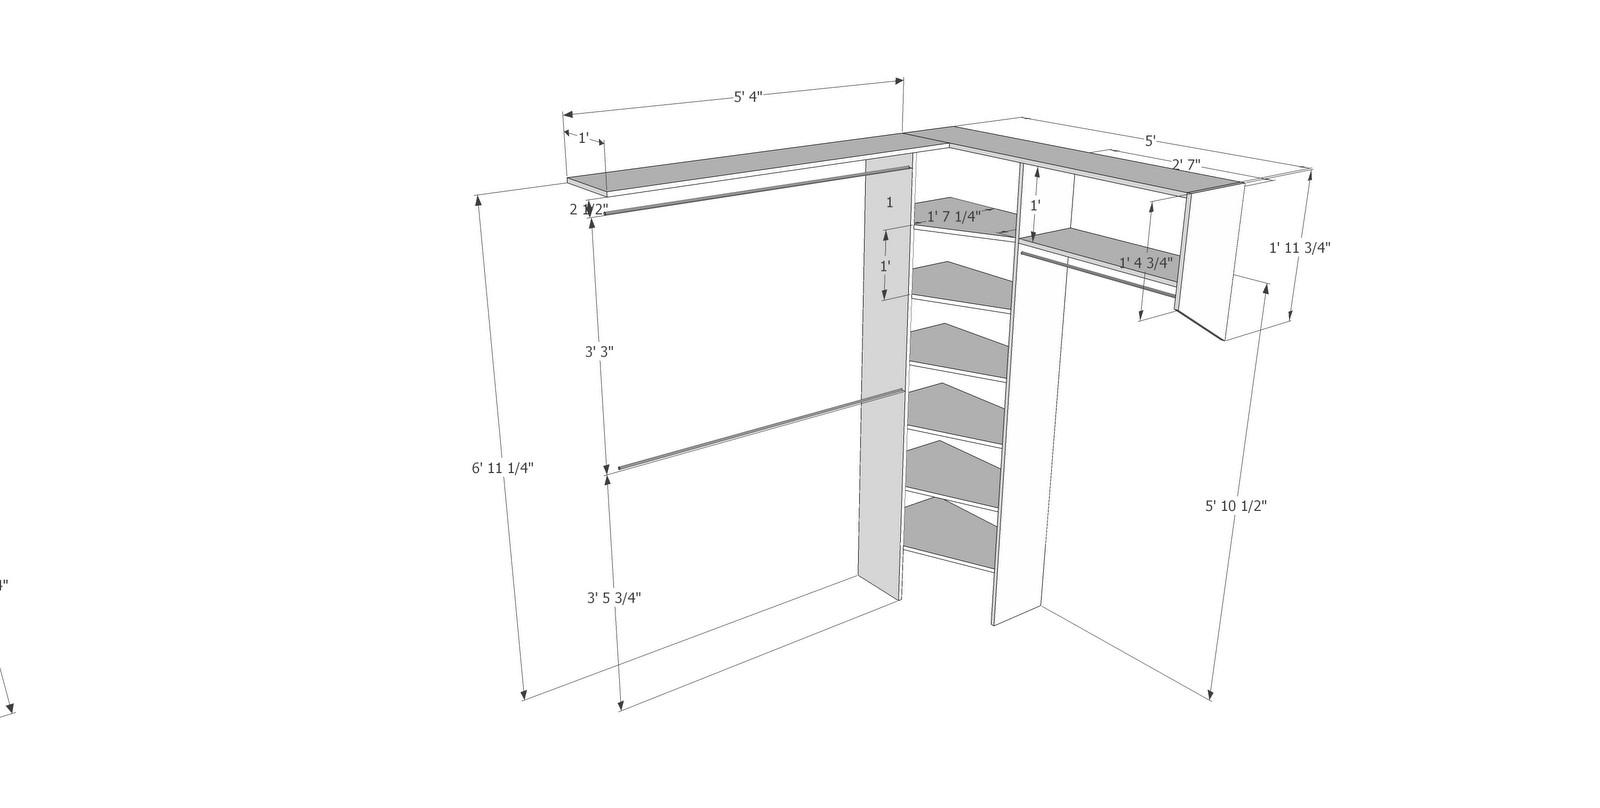 Standard Bedroom Closet Dimensions  Closet Remodel